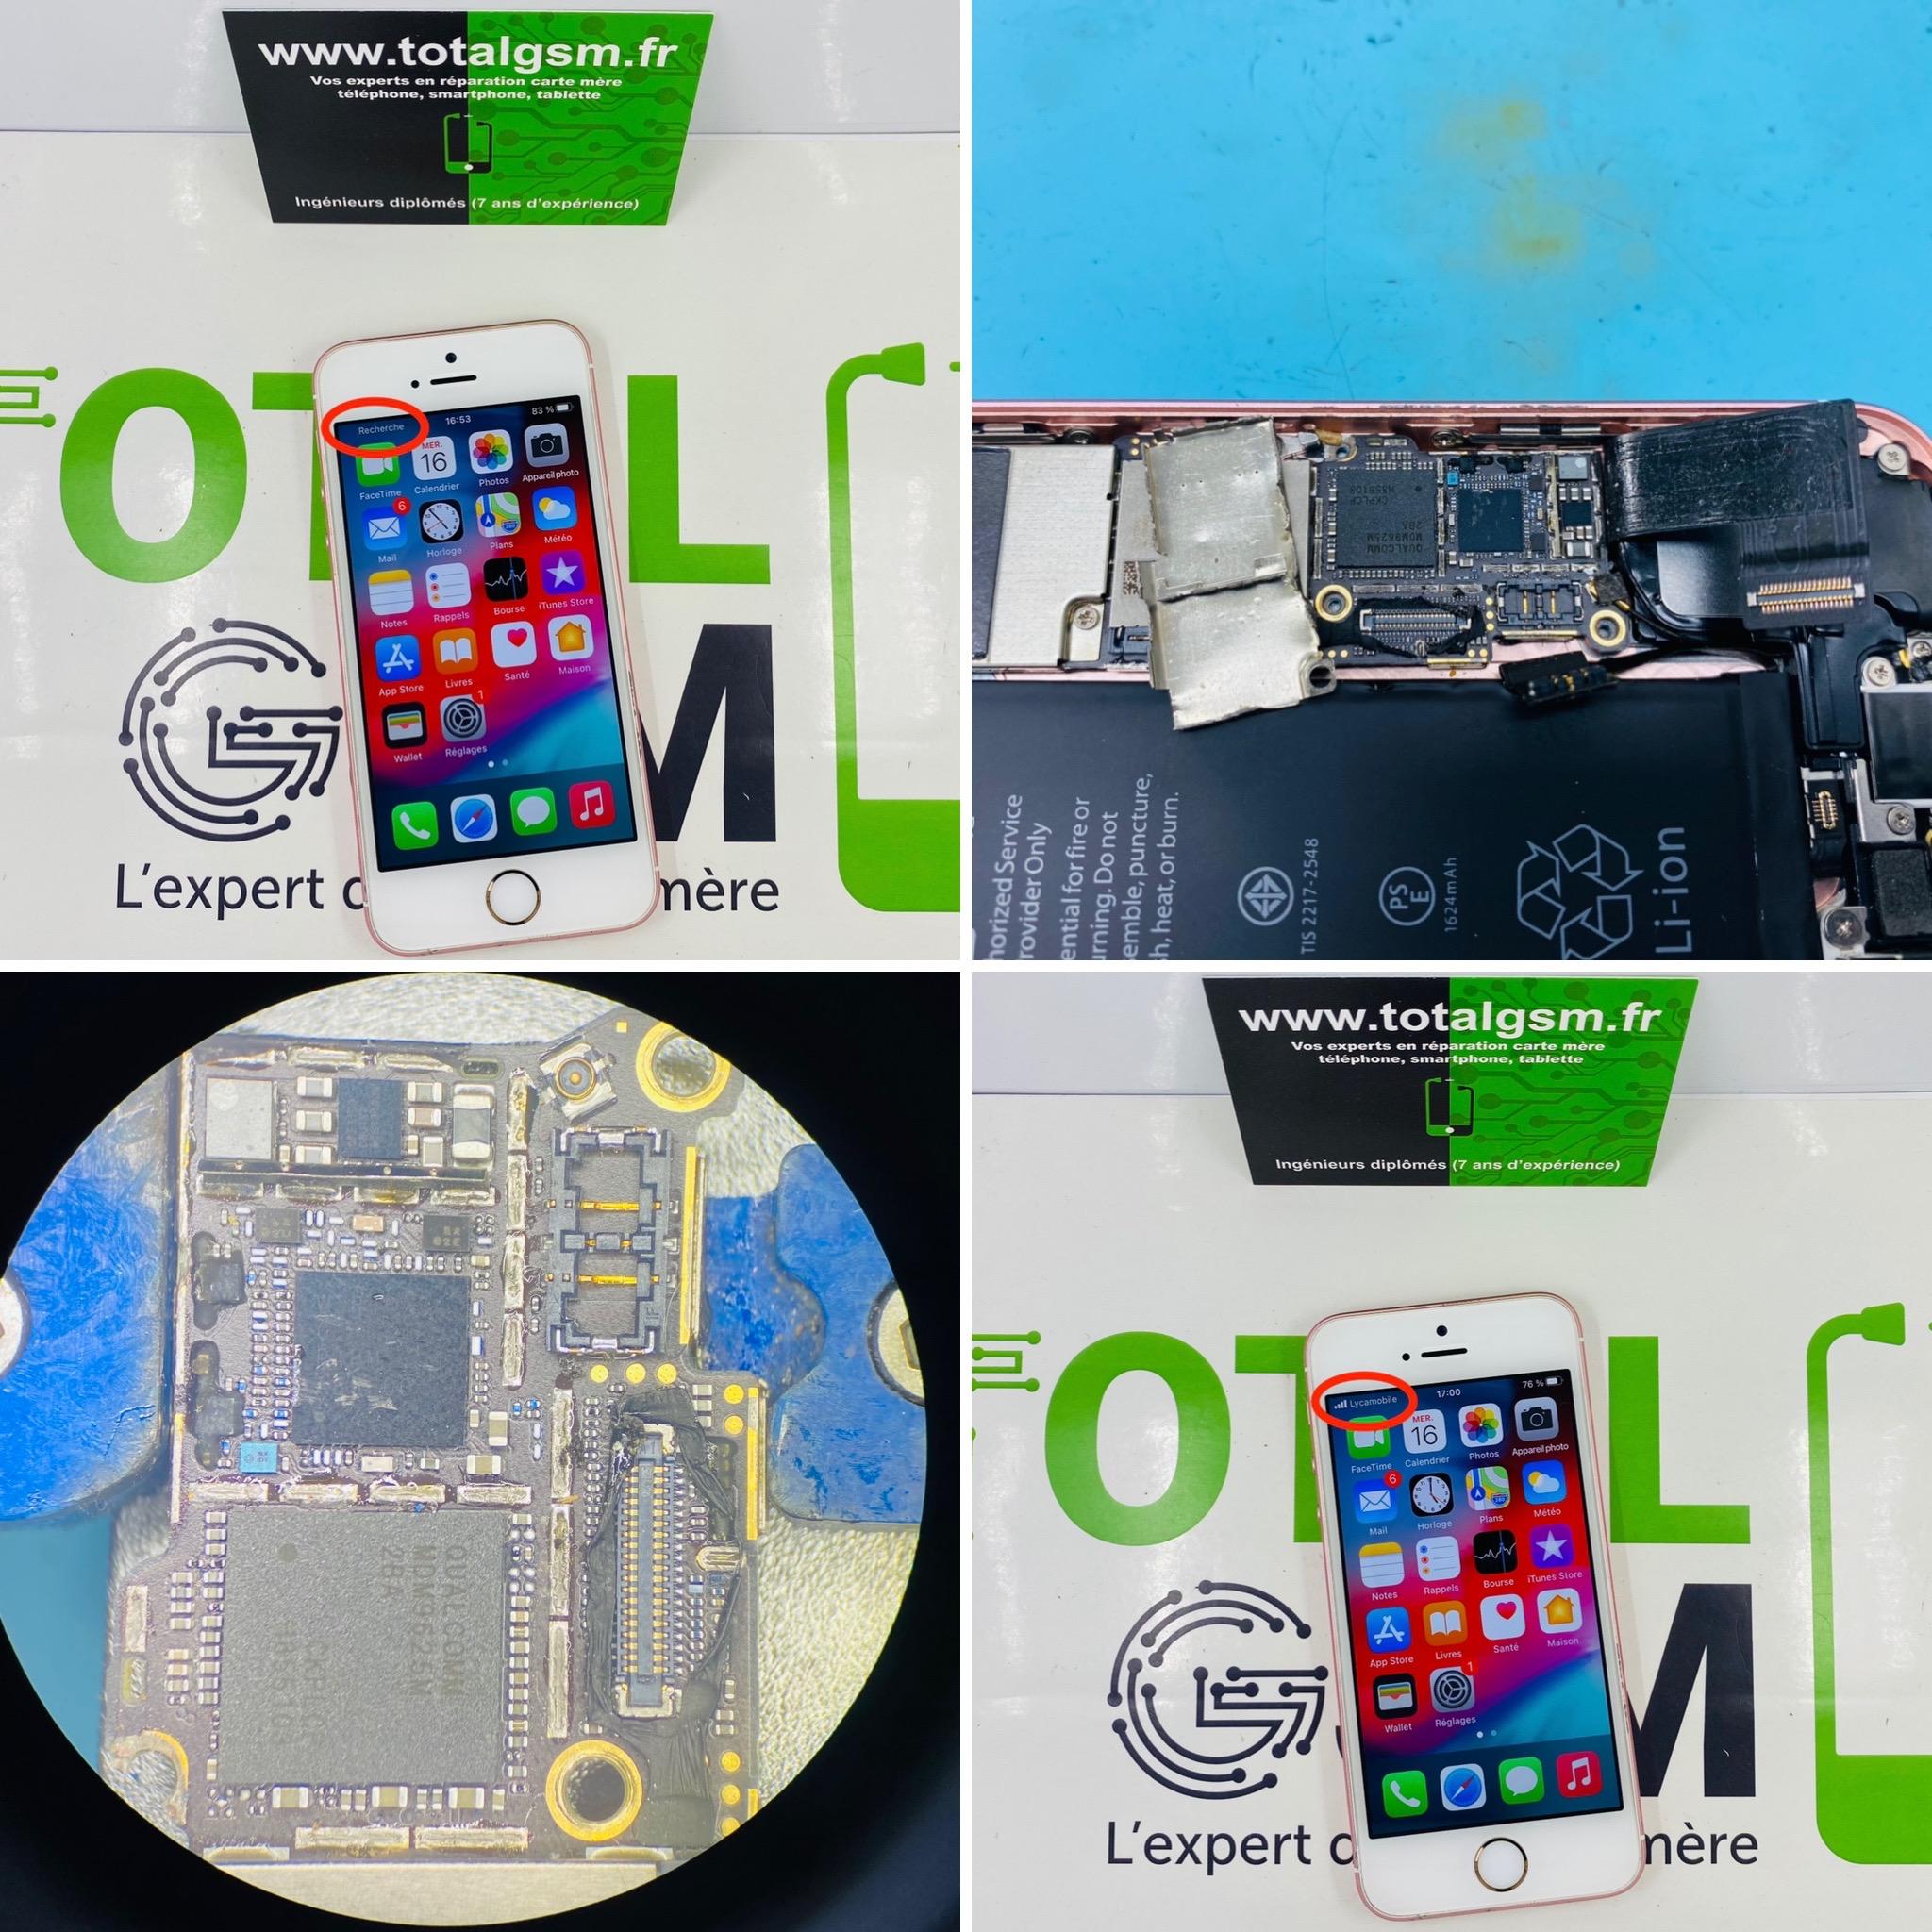 Réparation iPhone SE - Problème de réseau / baseband / No Service / Aucun service / Recherche en cours